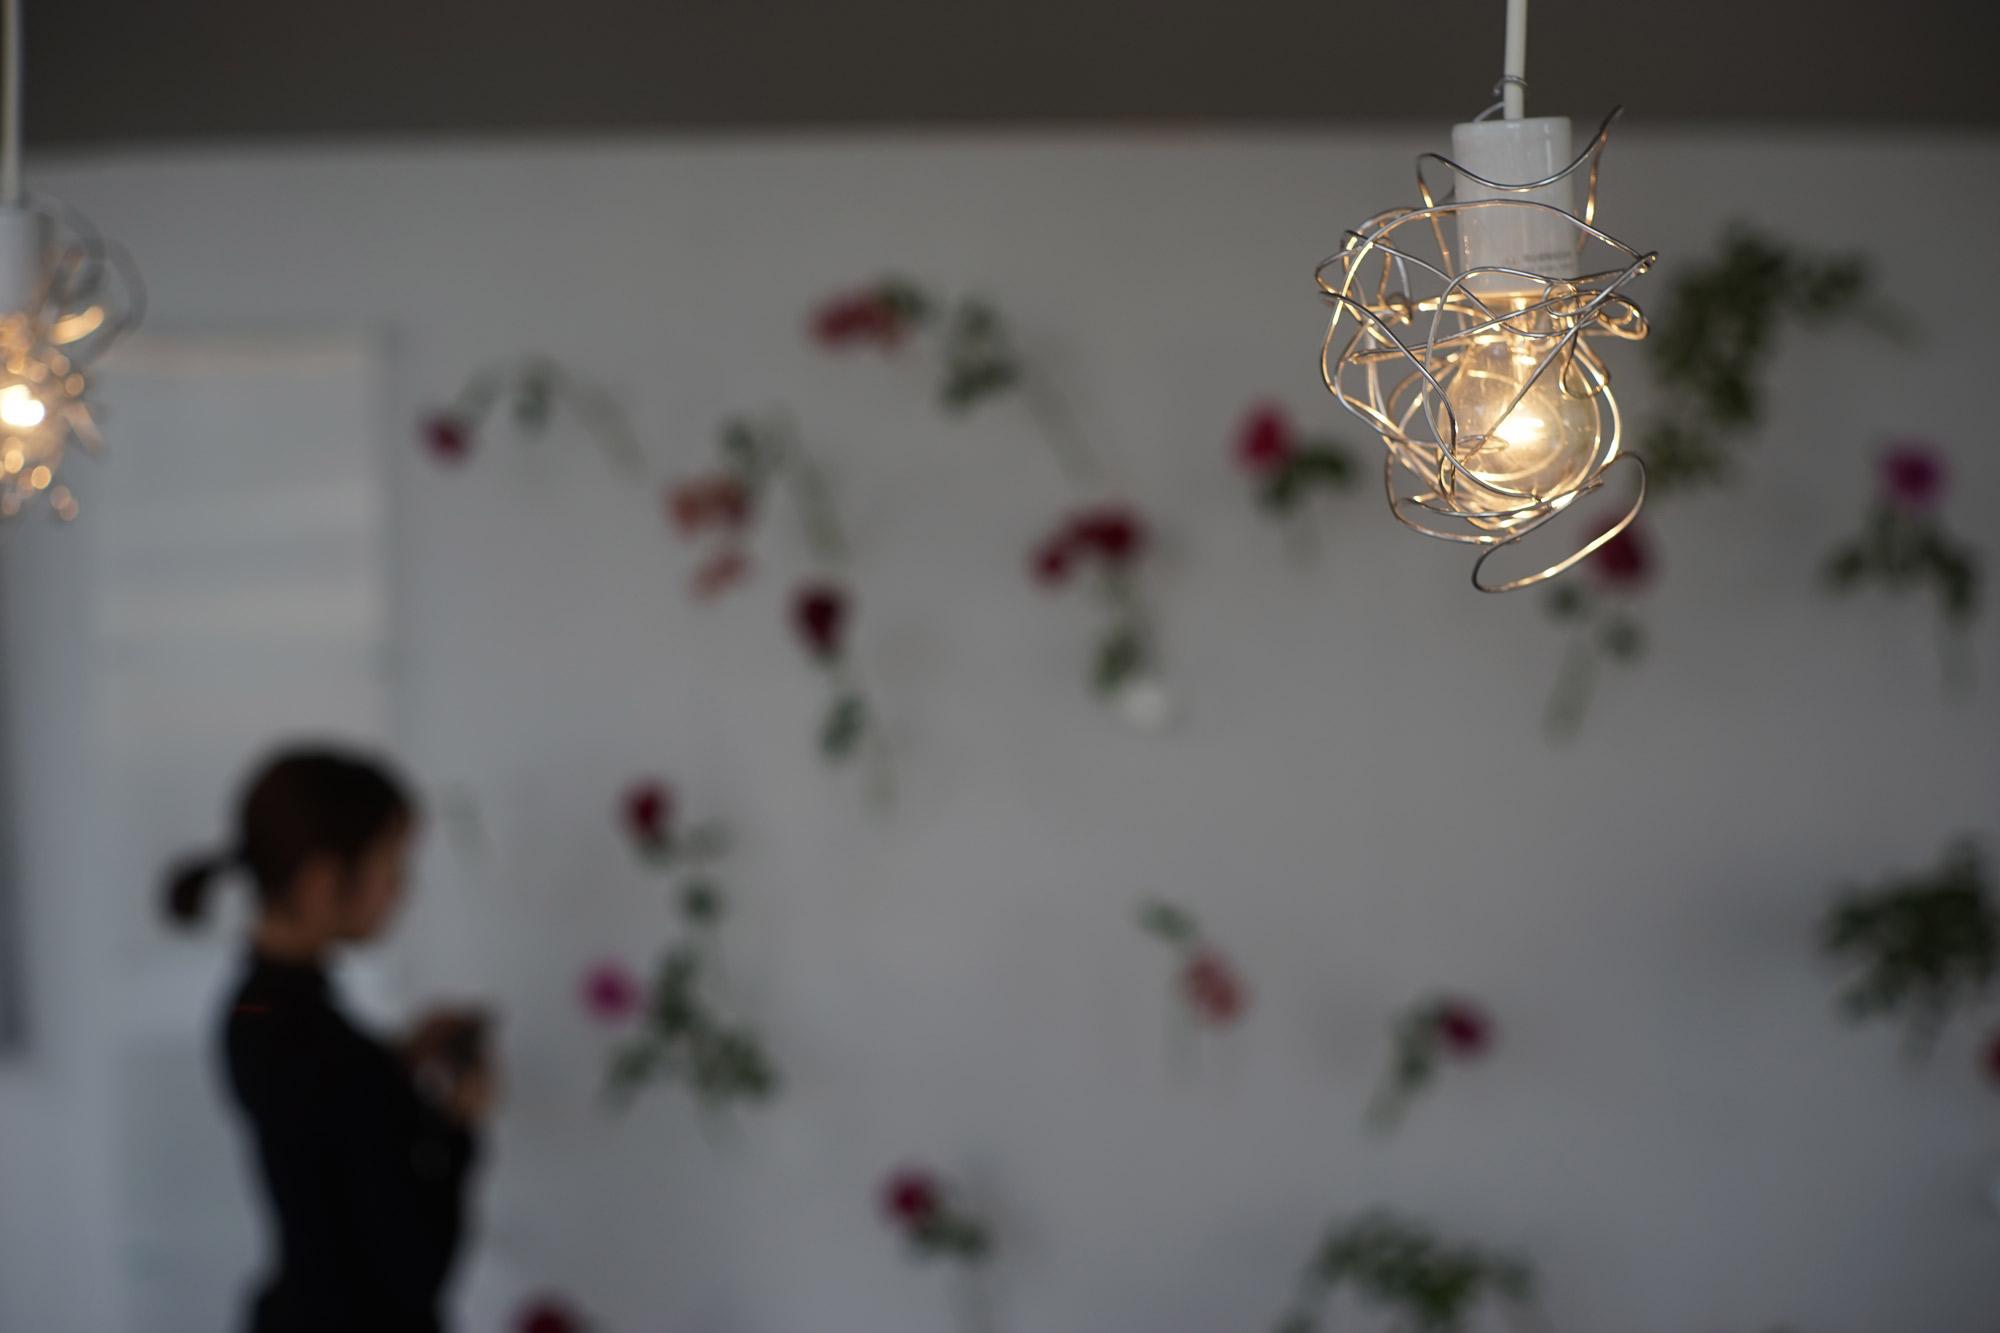 松澤穣暮らしを映すカメラ今月の3題 ランプ